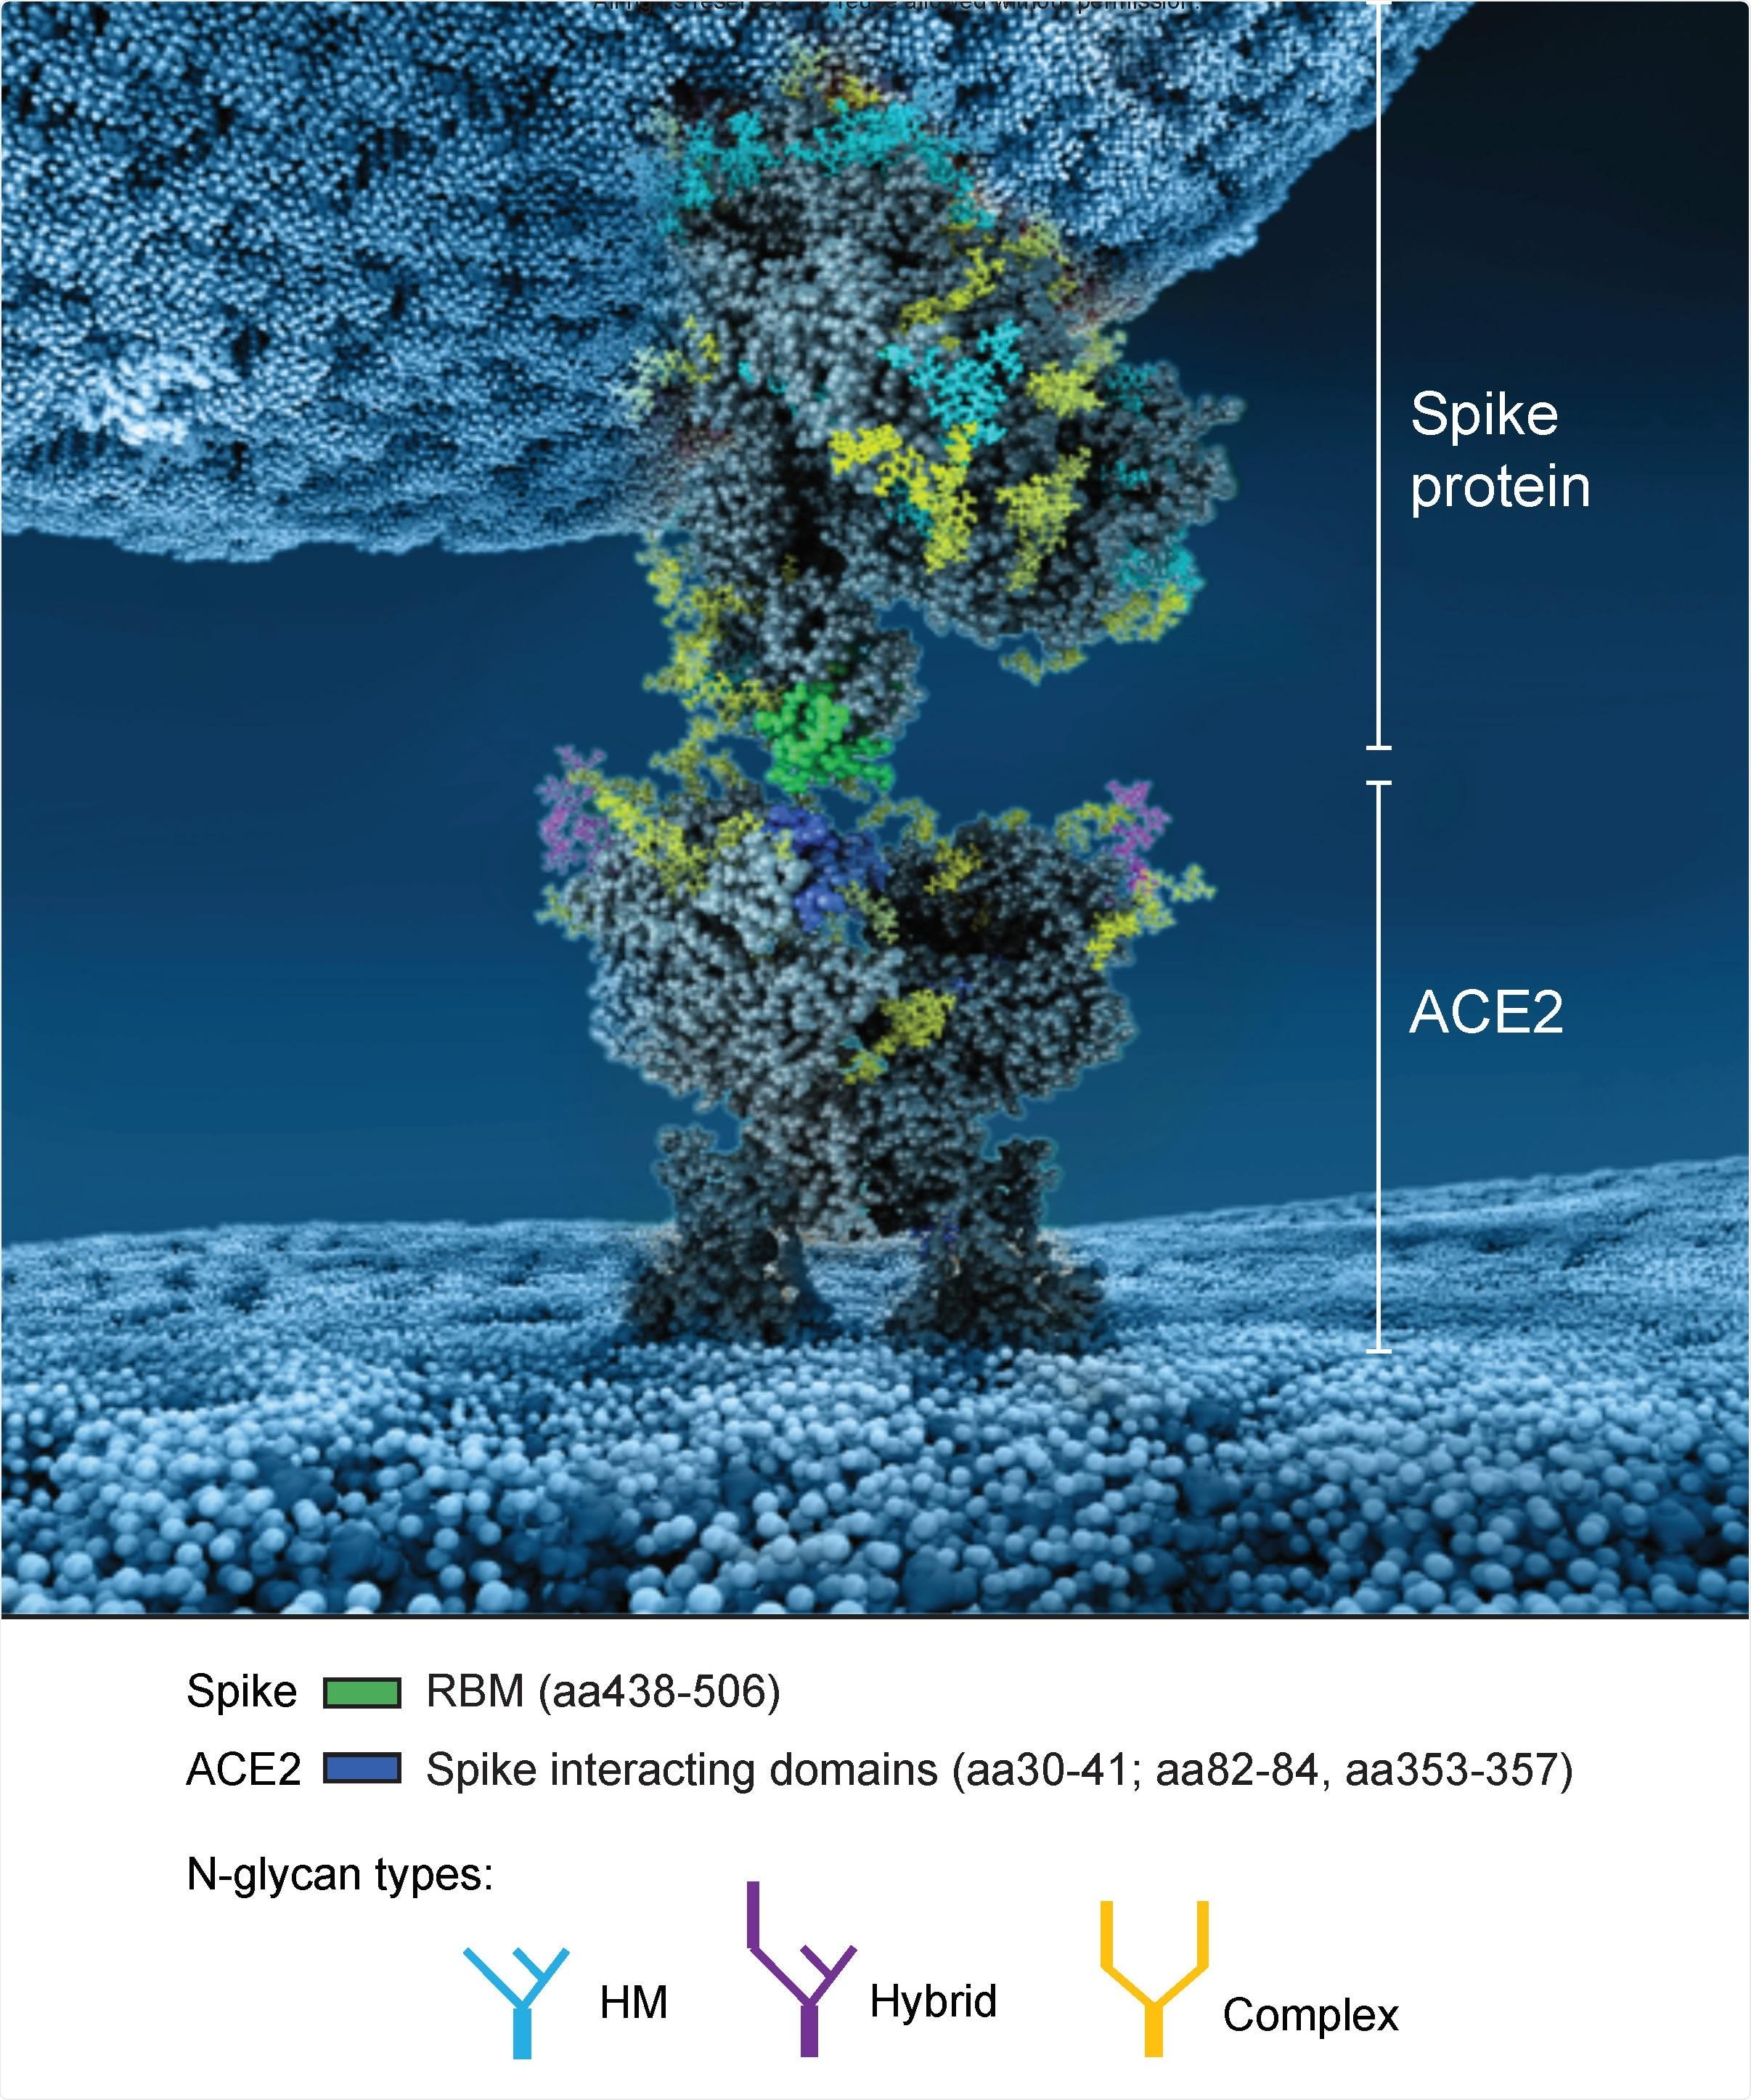 Reconstrução atomística do ponto glycosylated de SARS-CoV-2 que interage com seu receptor glycosylated ACE2. A interacção entre um ponto na conformação aberta e ACE2 é representada. Os domínios obrigatórios no ponto e no ACE2 envolvidos na interacção são coloridos em verde e em azul respectivamente. Note que não todos os glycans estam presente no ponto aberto (veja métodos para detalhes).